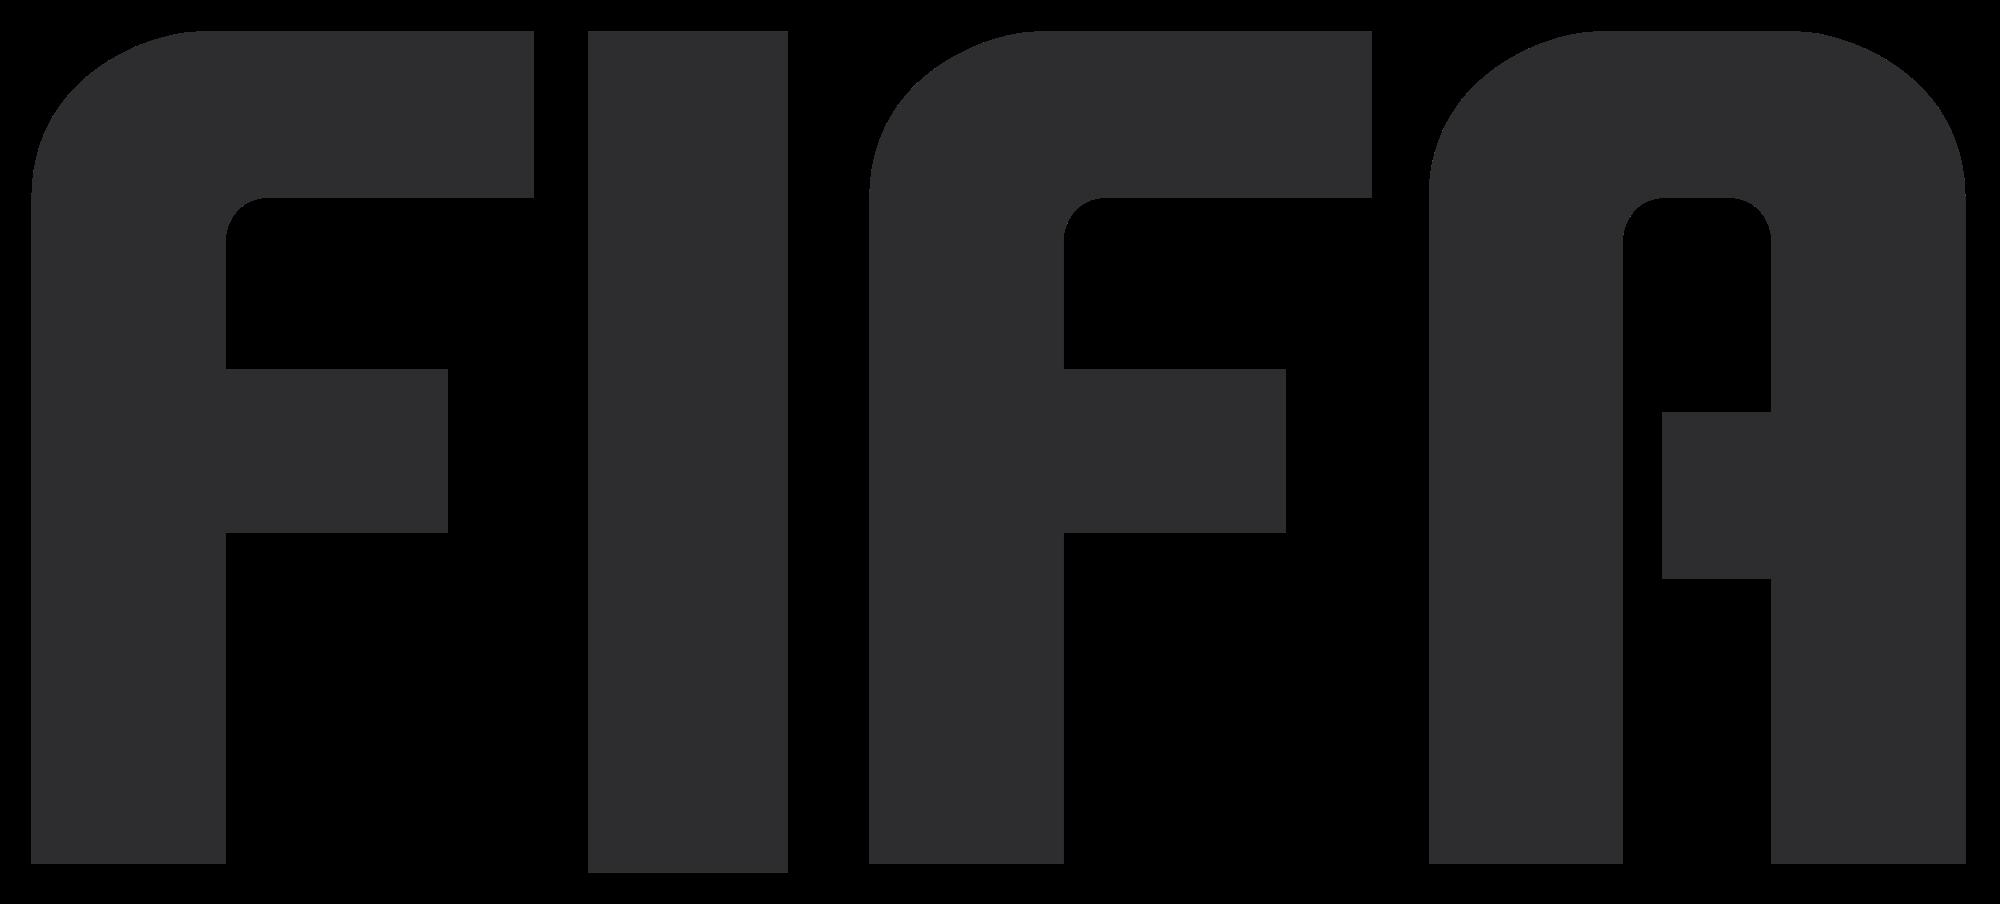 Open PlusPng.com  - Fifa Logo PNG